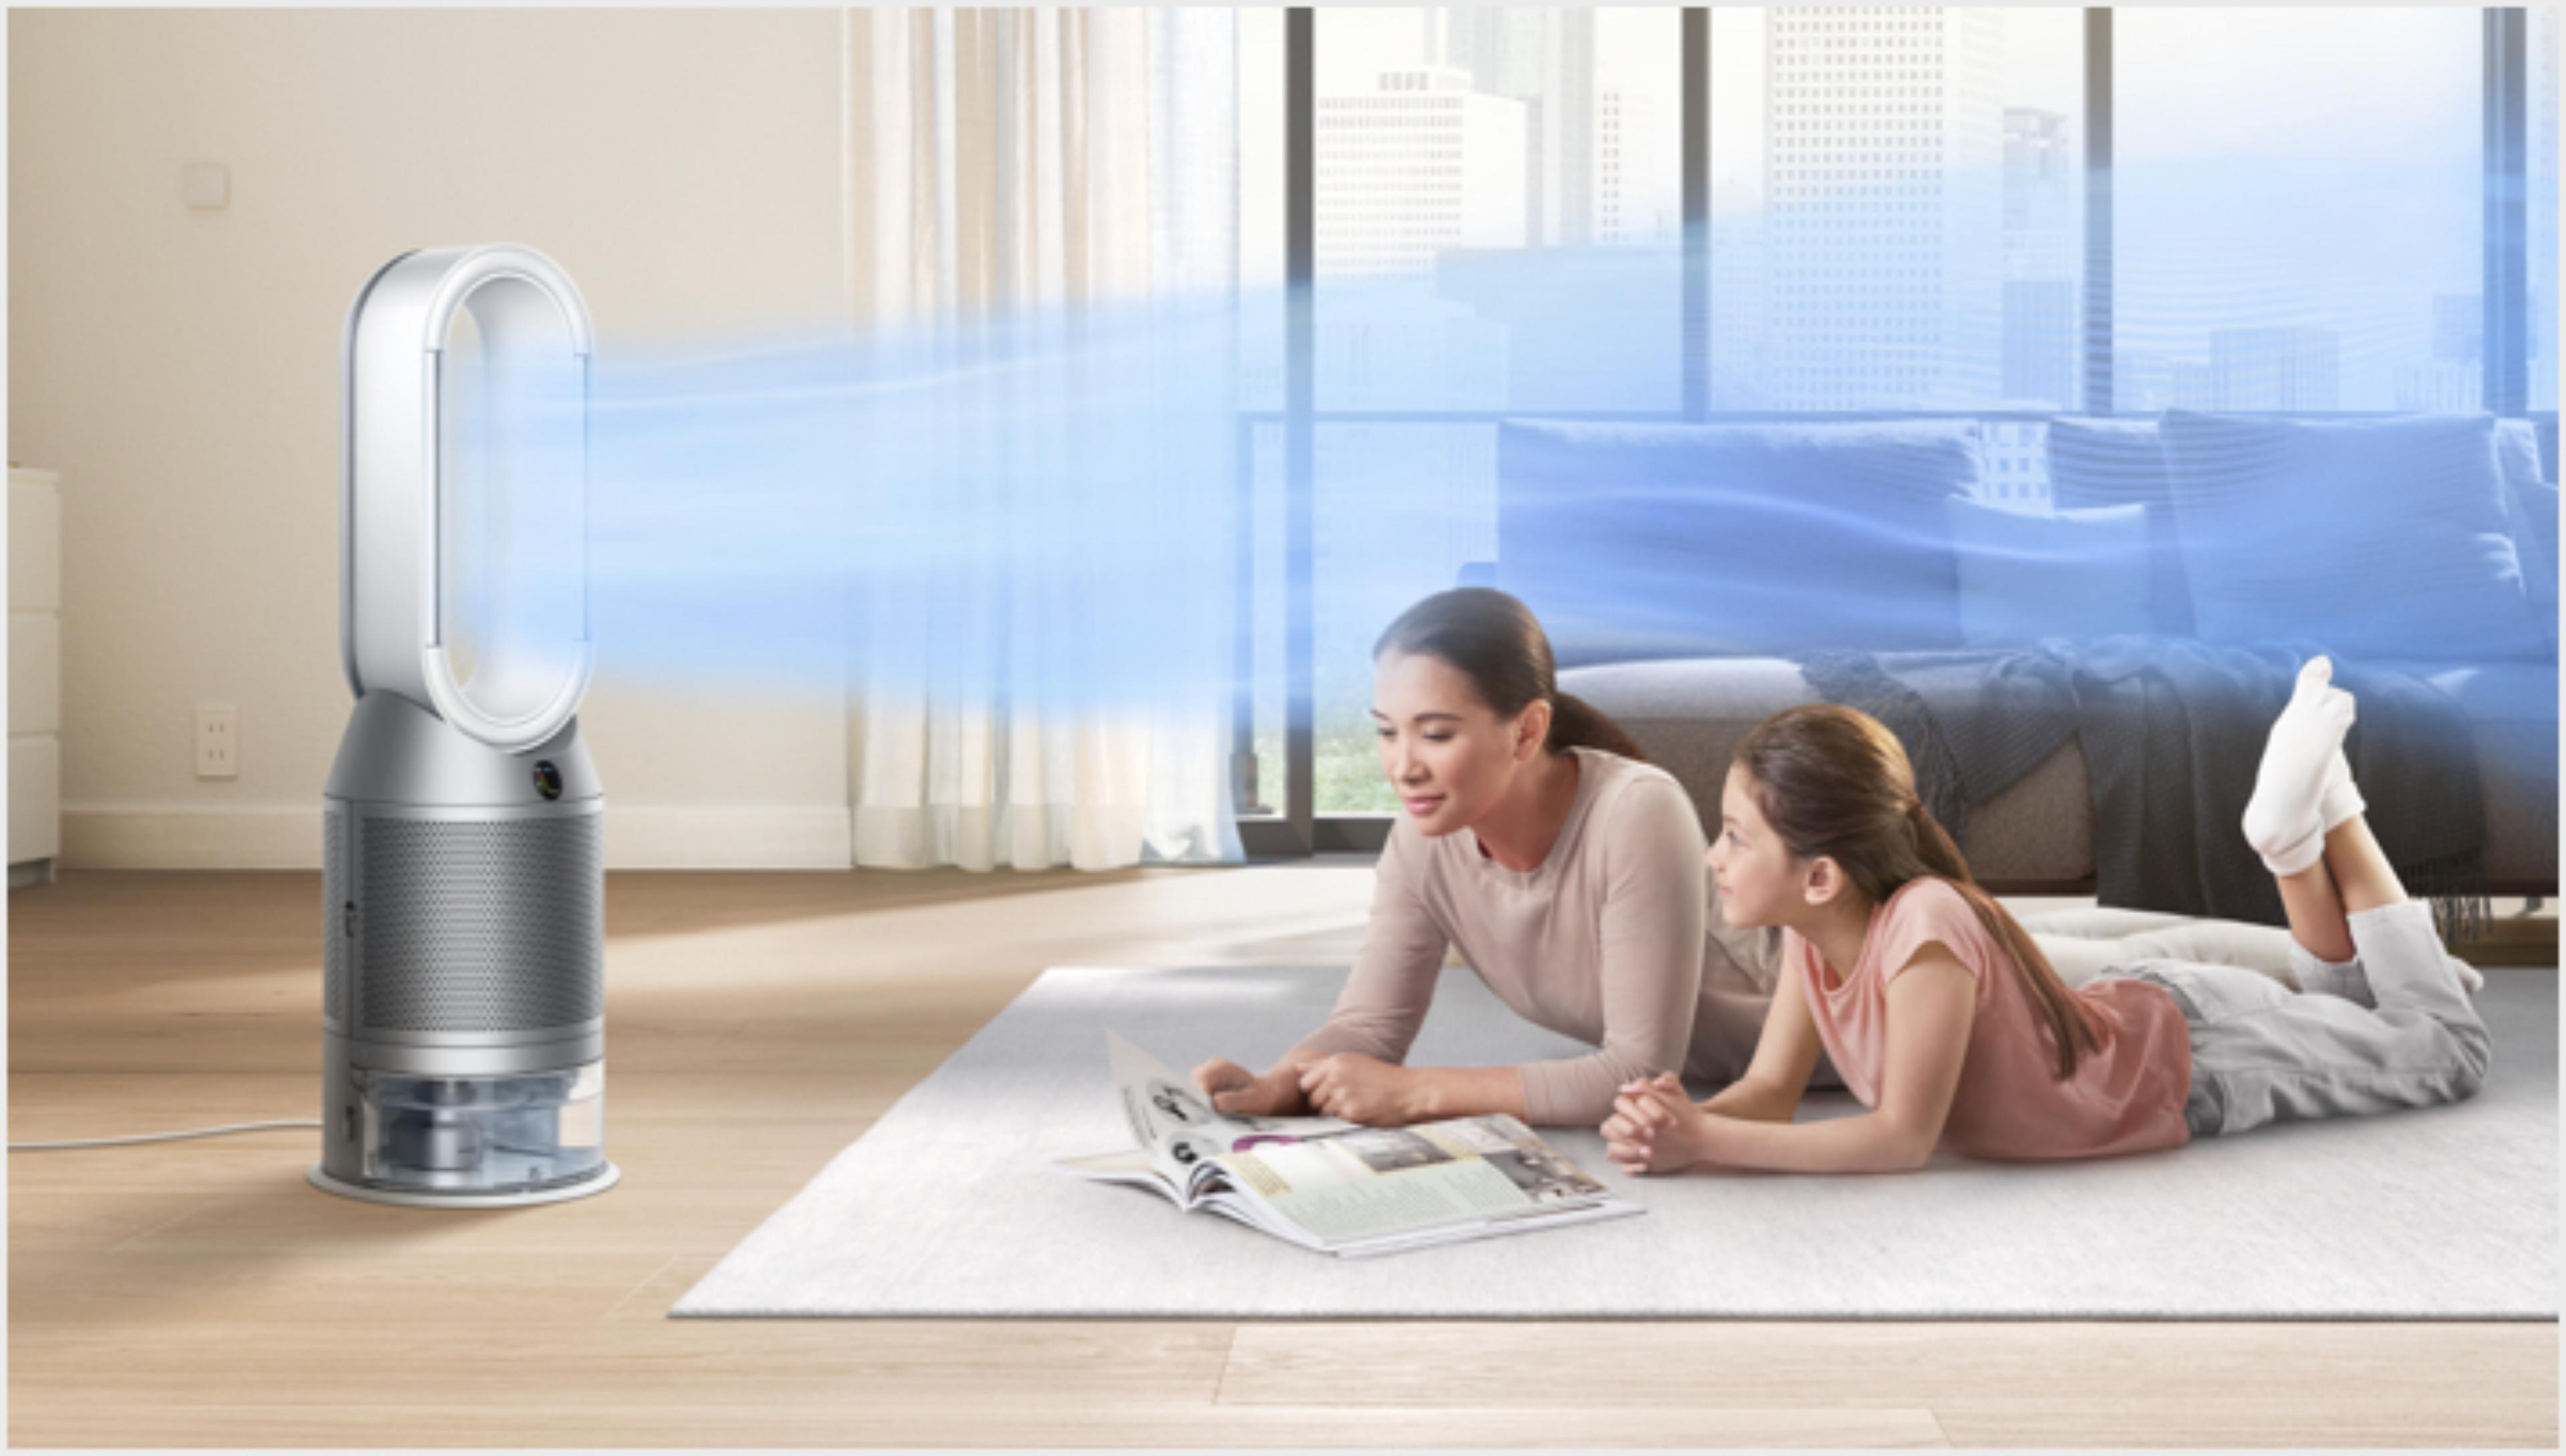 Matka i córka leżą na dywanie, a oczyszczacz z funkcją nawilżania Dyson je chłodzi